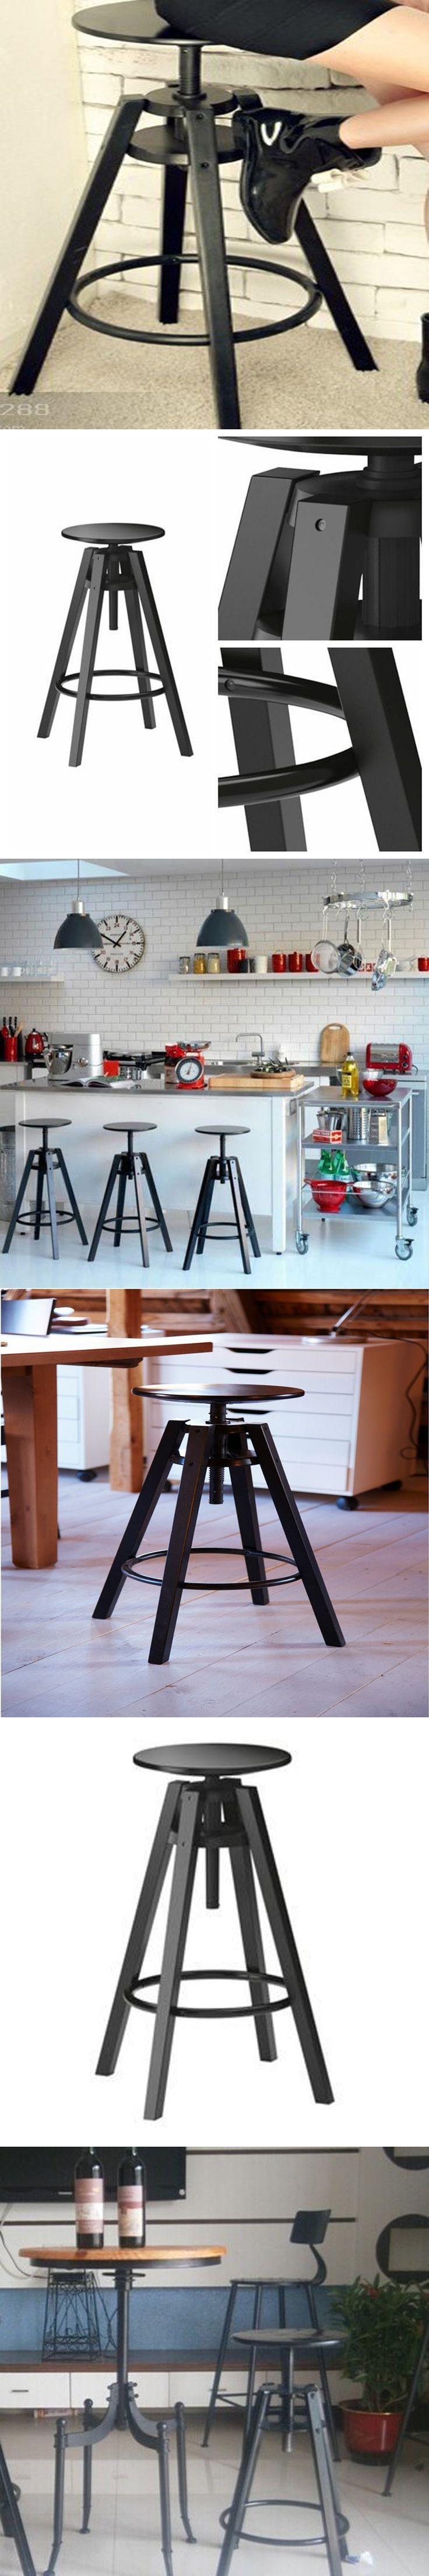 93a726f4726c8c5ff3cc708d5f451596 Impressionnant De Table Bar Exterieur Conception